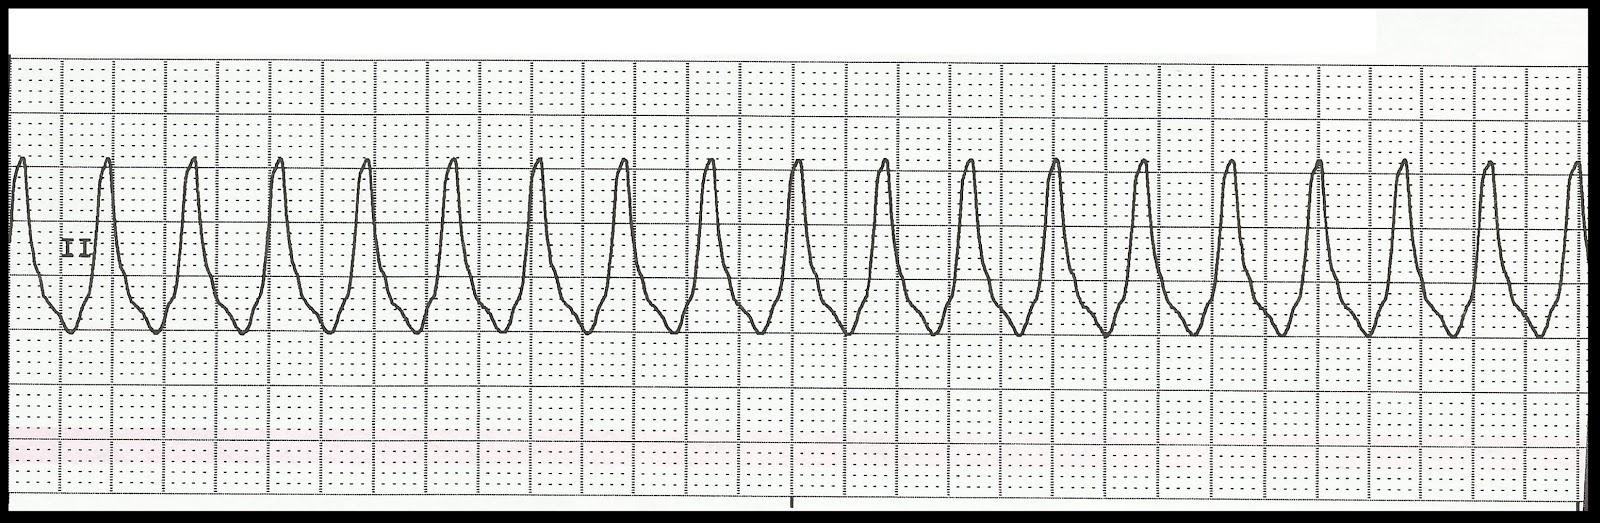 Float Nurse: EKG Rhythm Strip Quiz 126 Ventricular Tachycardia Rhythm Strip